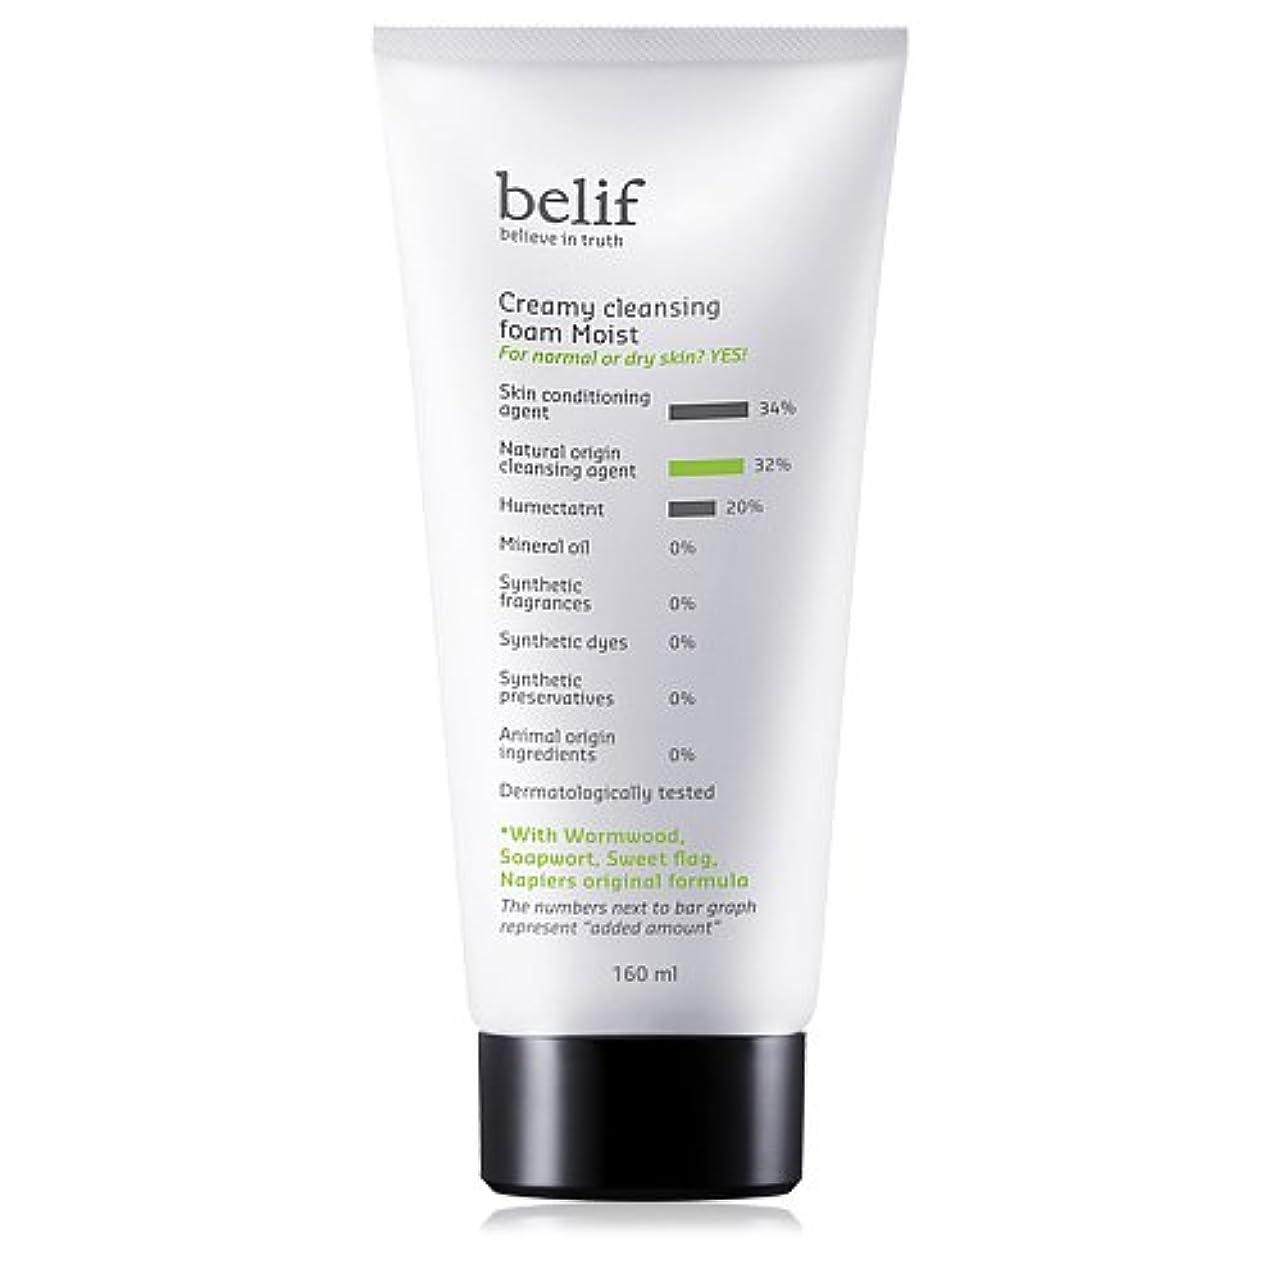 を必要としています満了専門化するBelif(ビリーフ)Creamy cleansing foam moist 160ml[ビリーフクリーミークレンジングフォームモイスト]